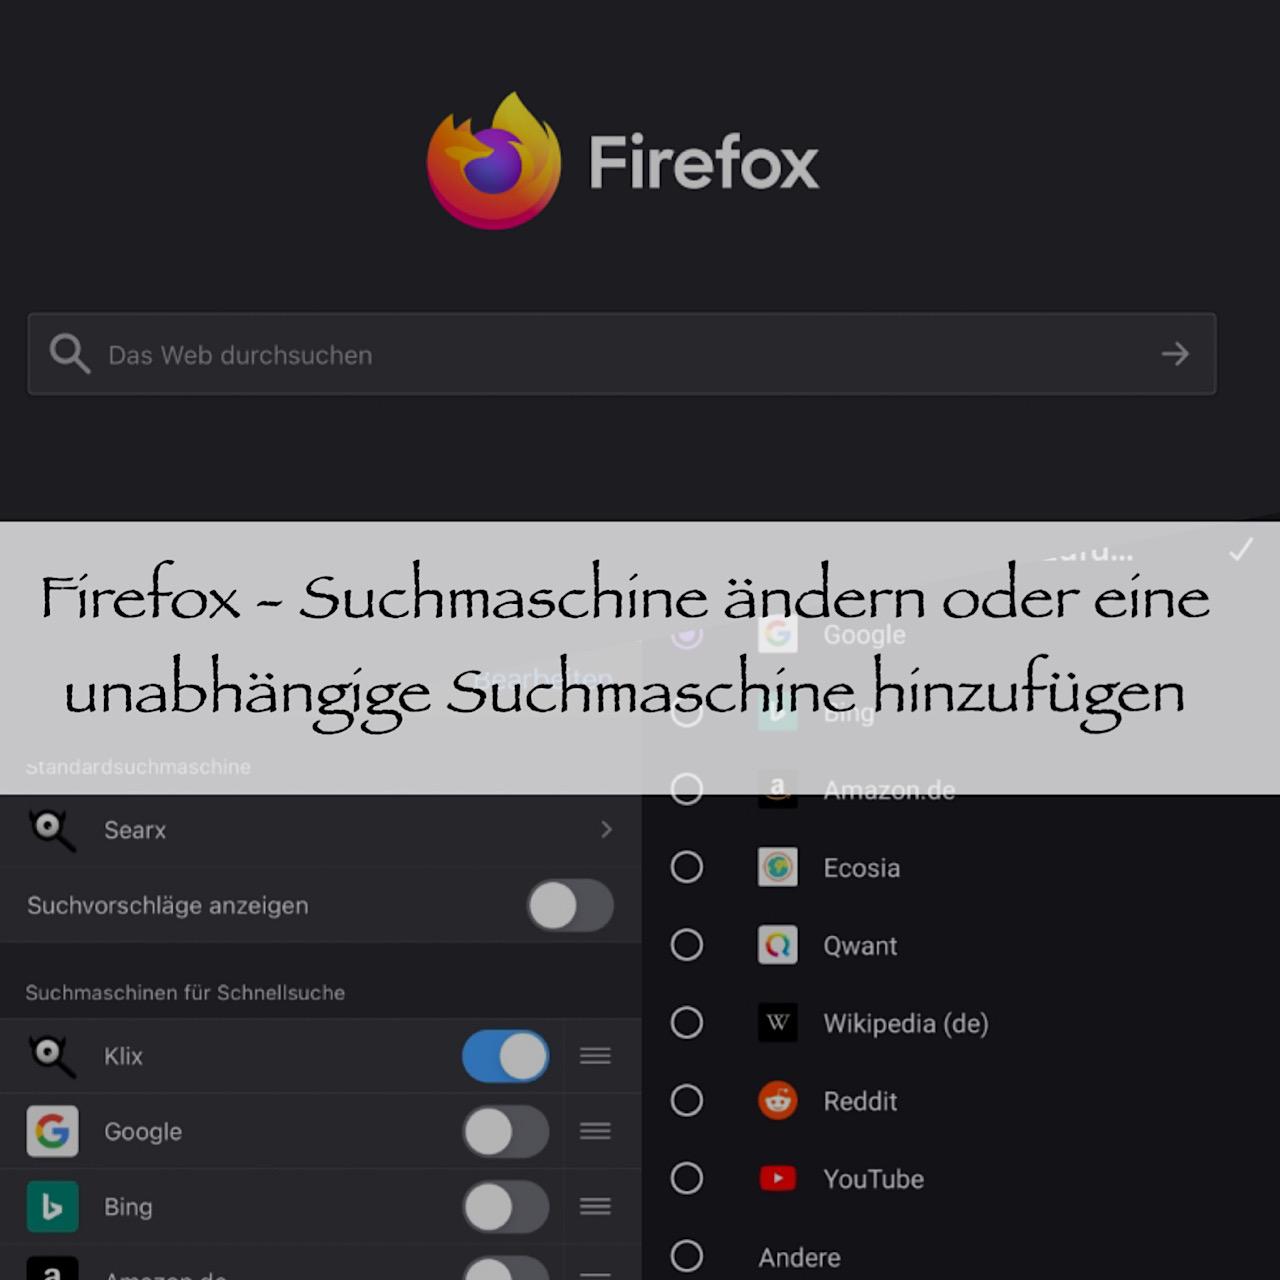 Firefox – Suchmaschine ändern oder eine unabhängige Suchmaschine hinzufügen